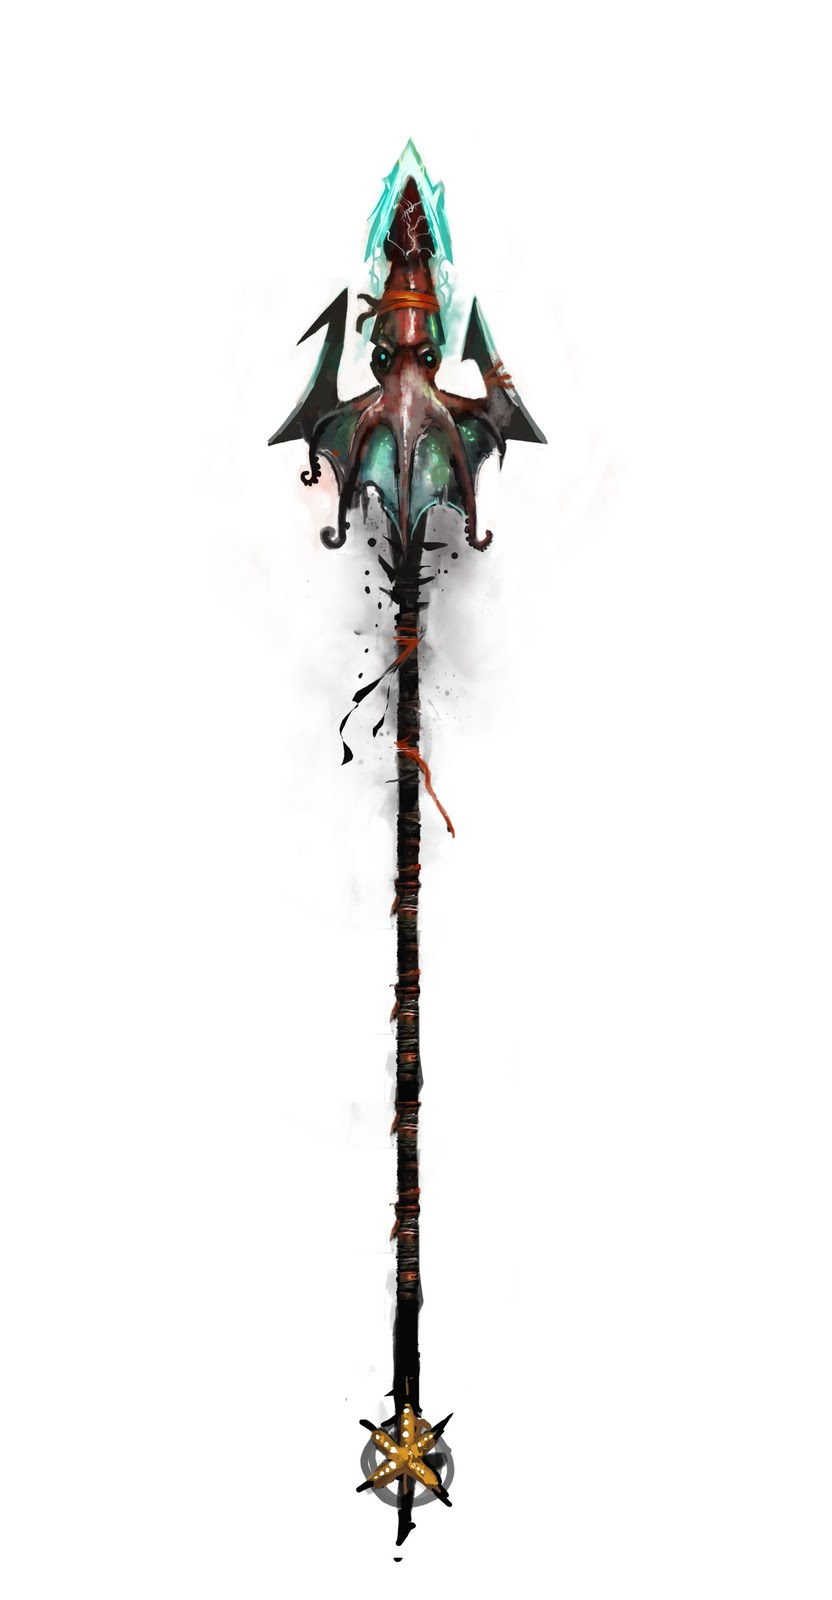 steampunk trident | cosplay ideas | Pinterest Poseidon Staff